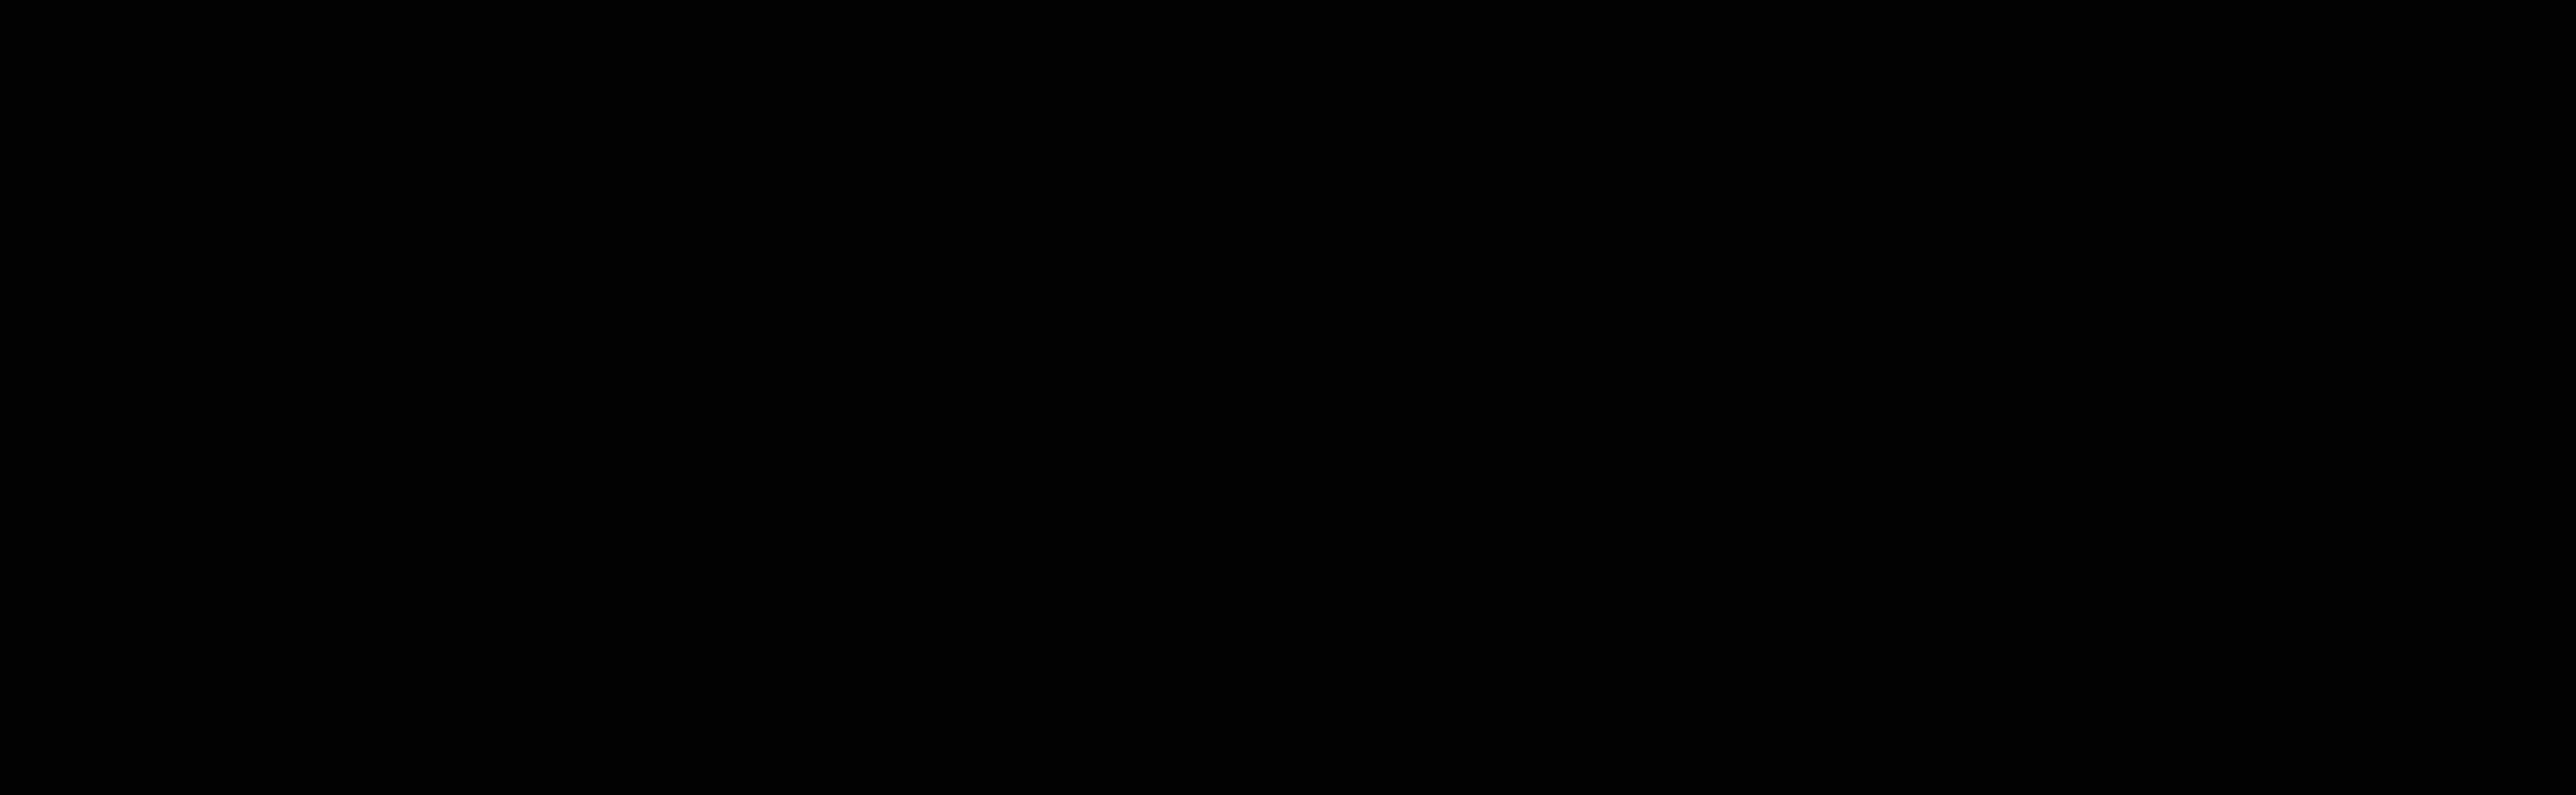 蟹鮨加藤ロゴ アートボード 1